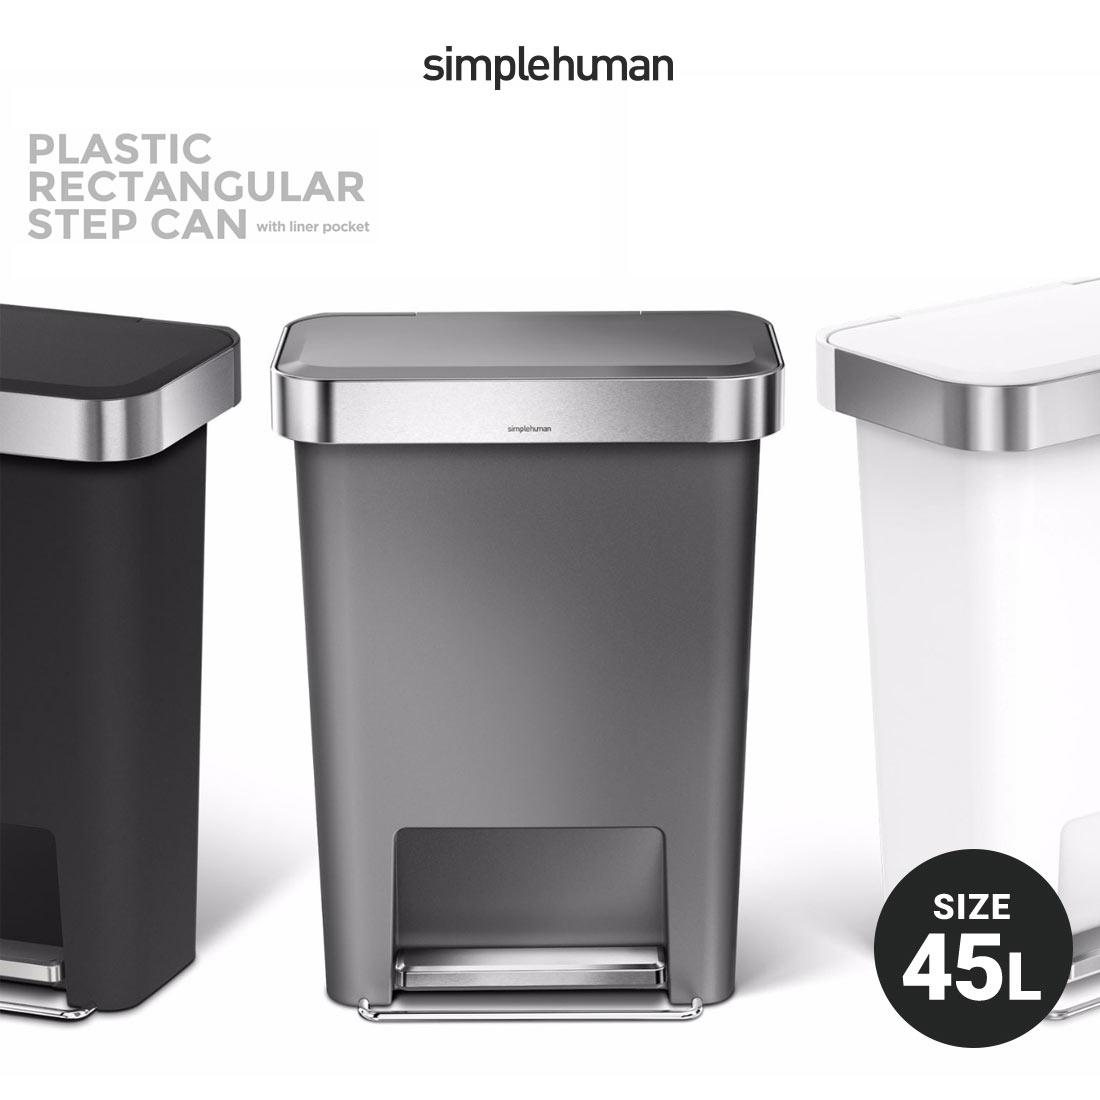 【Simple Human 】Dustbox 45Lゴミ箱 プラスチック レクタンギュラーステップカン 45リットル シンプルヒューマン オフィス リビング ふた付き 縦型【コンビニ受取対応商品】